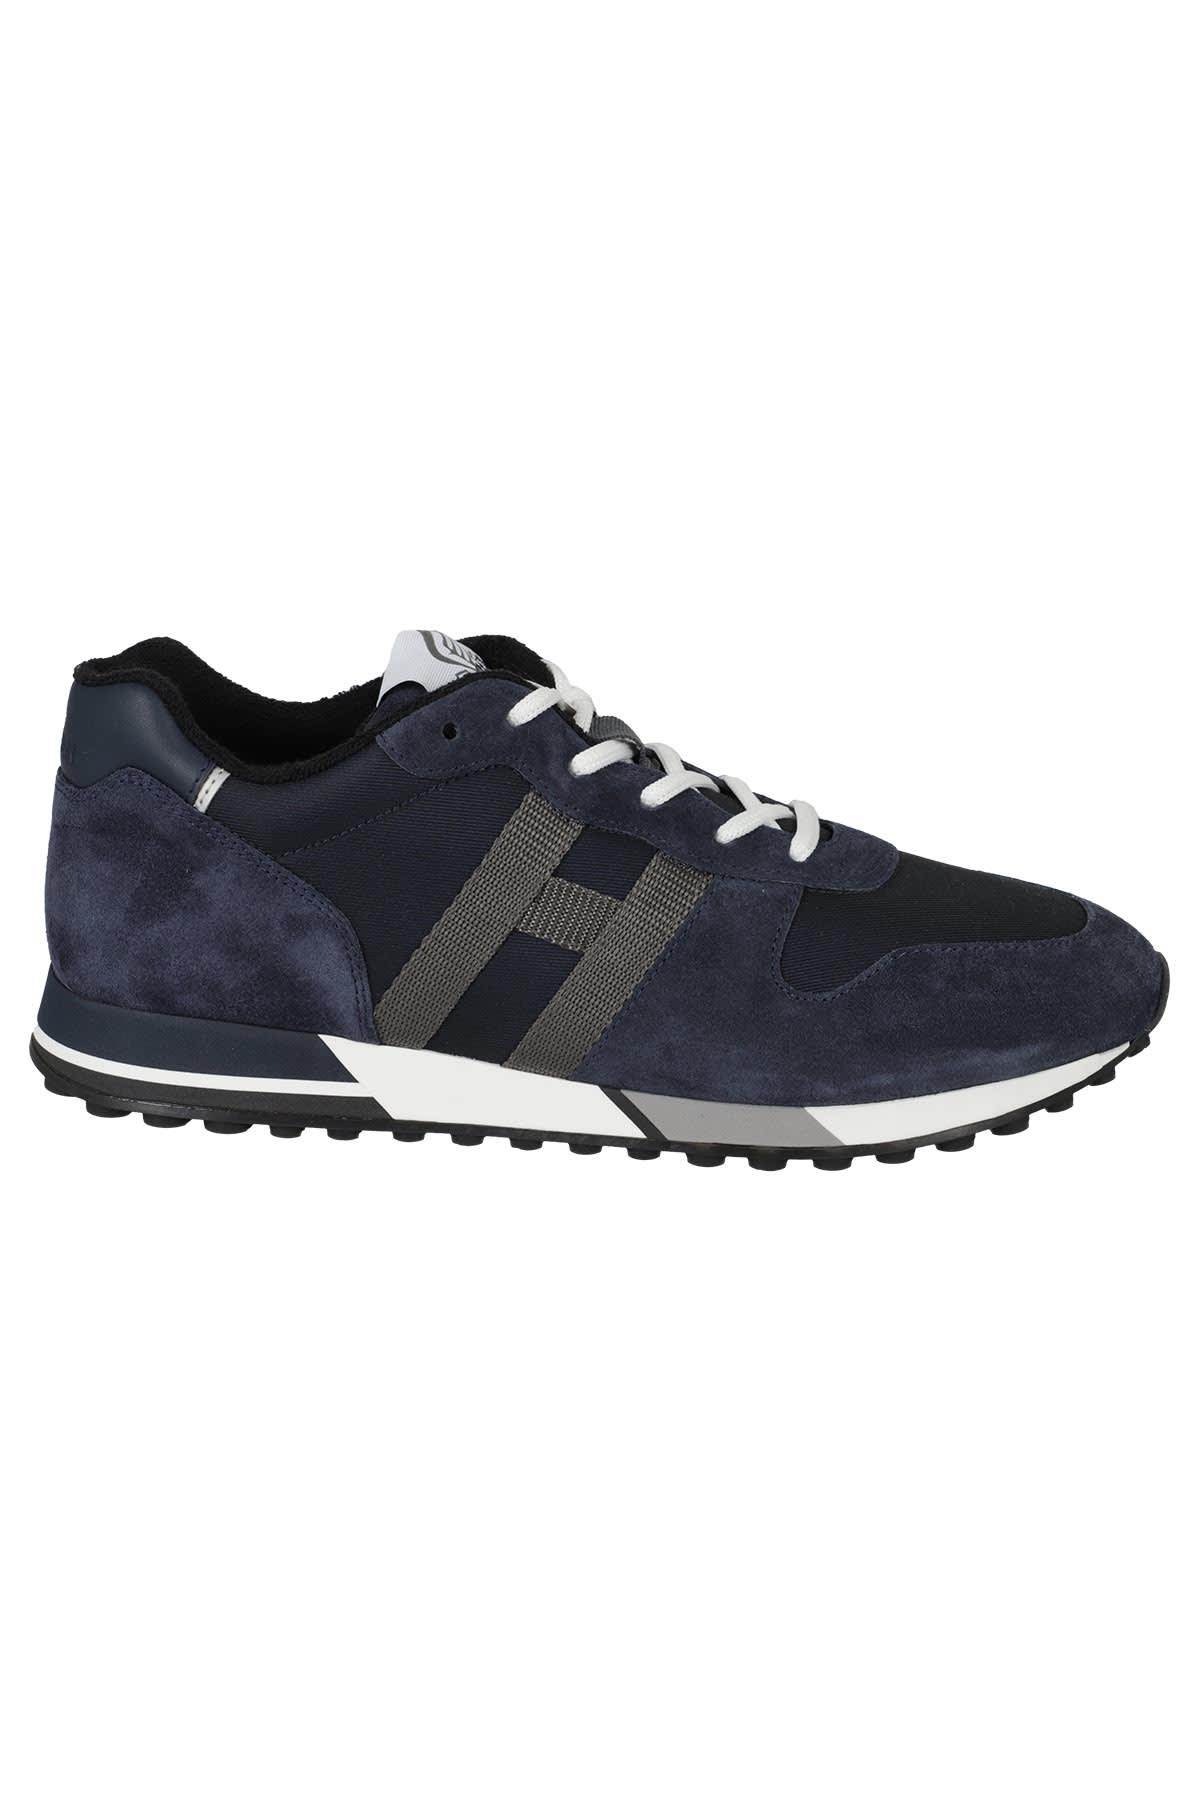 Hogan Shoes In G Blu Grigio | ModeSens